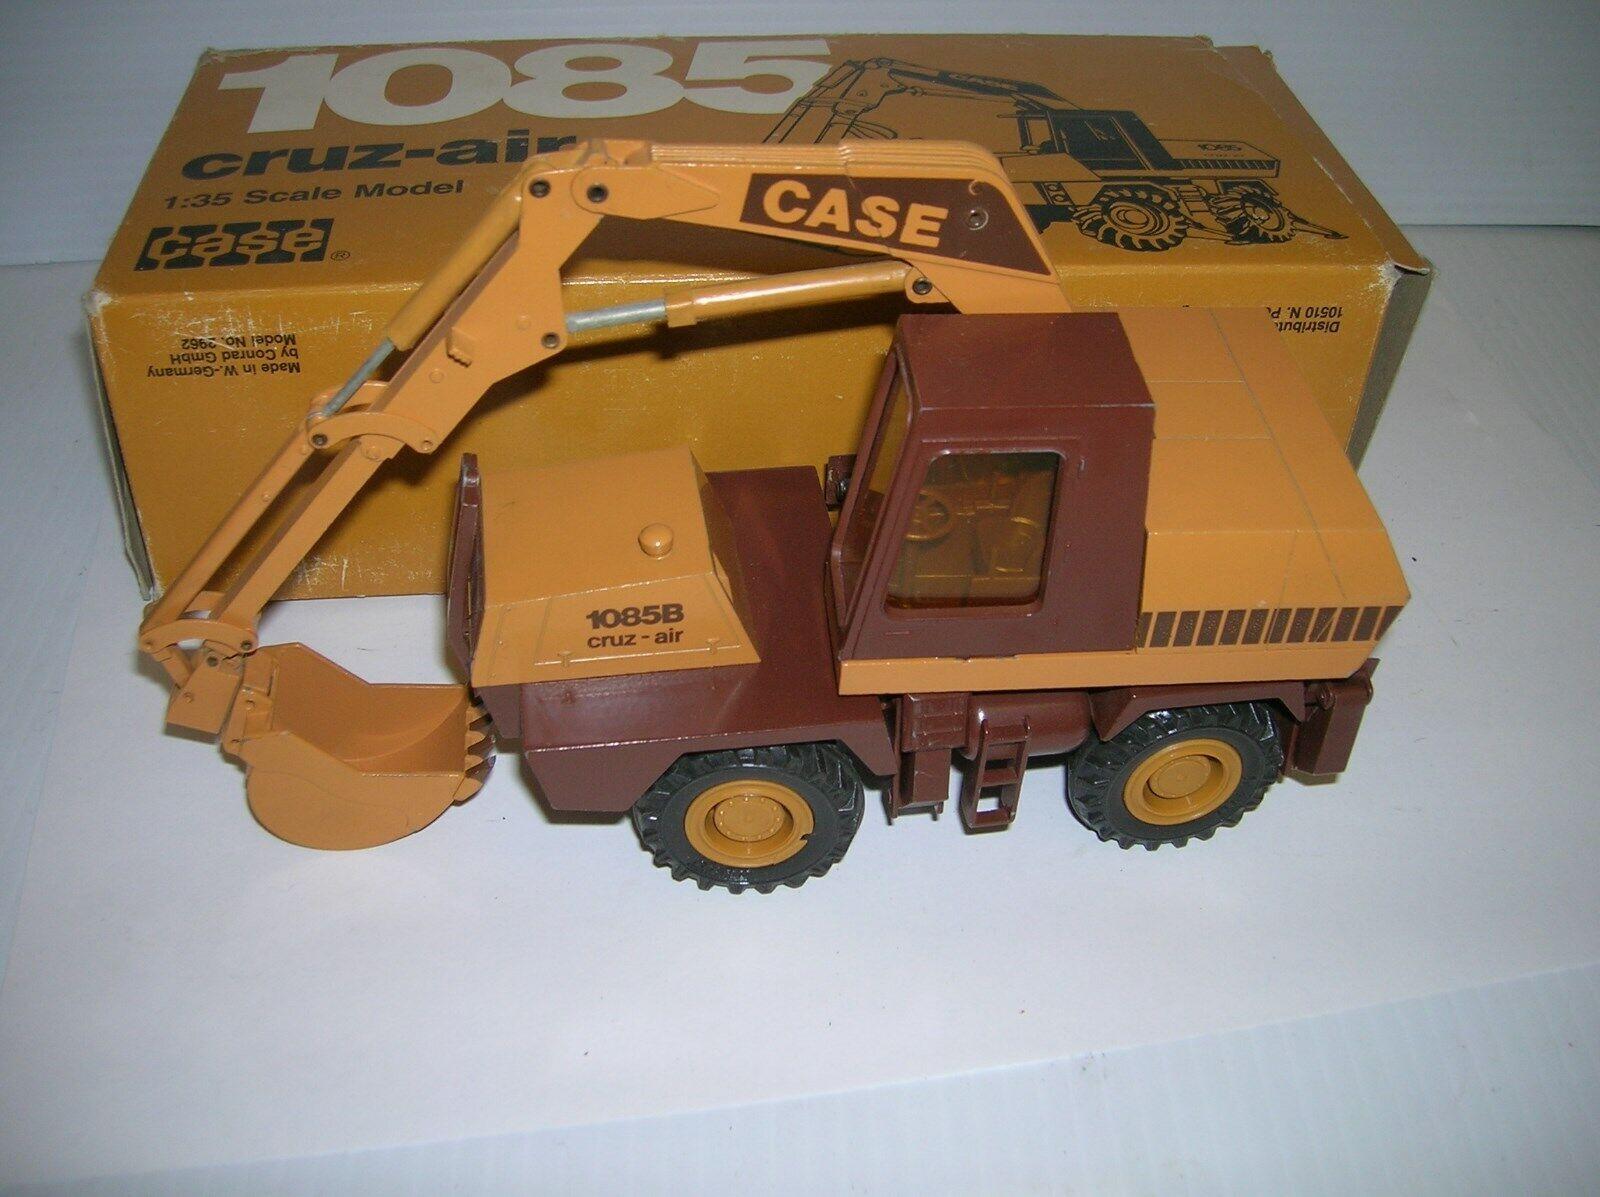 CONRAD   2962 CASE 1085 CRUZ-AIR CRANE , 1 35, NEW BOXED ,  LOT   17435